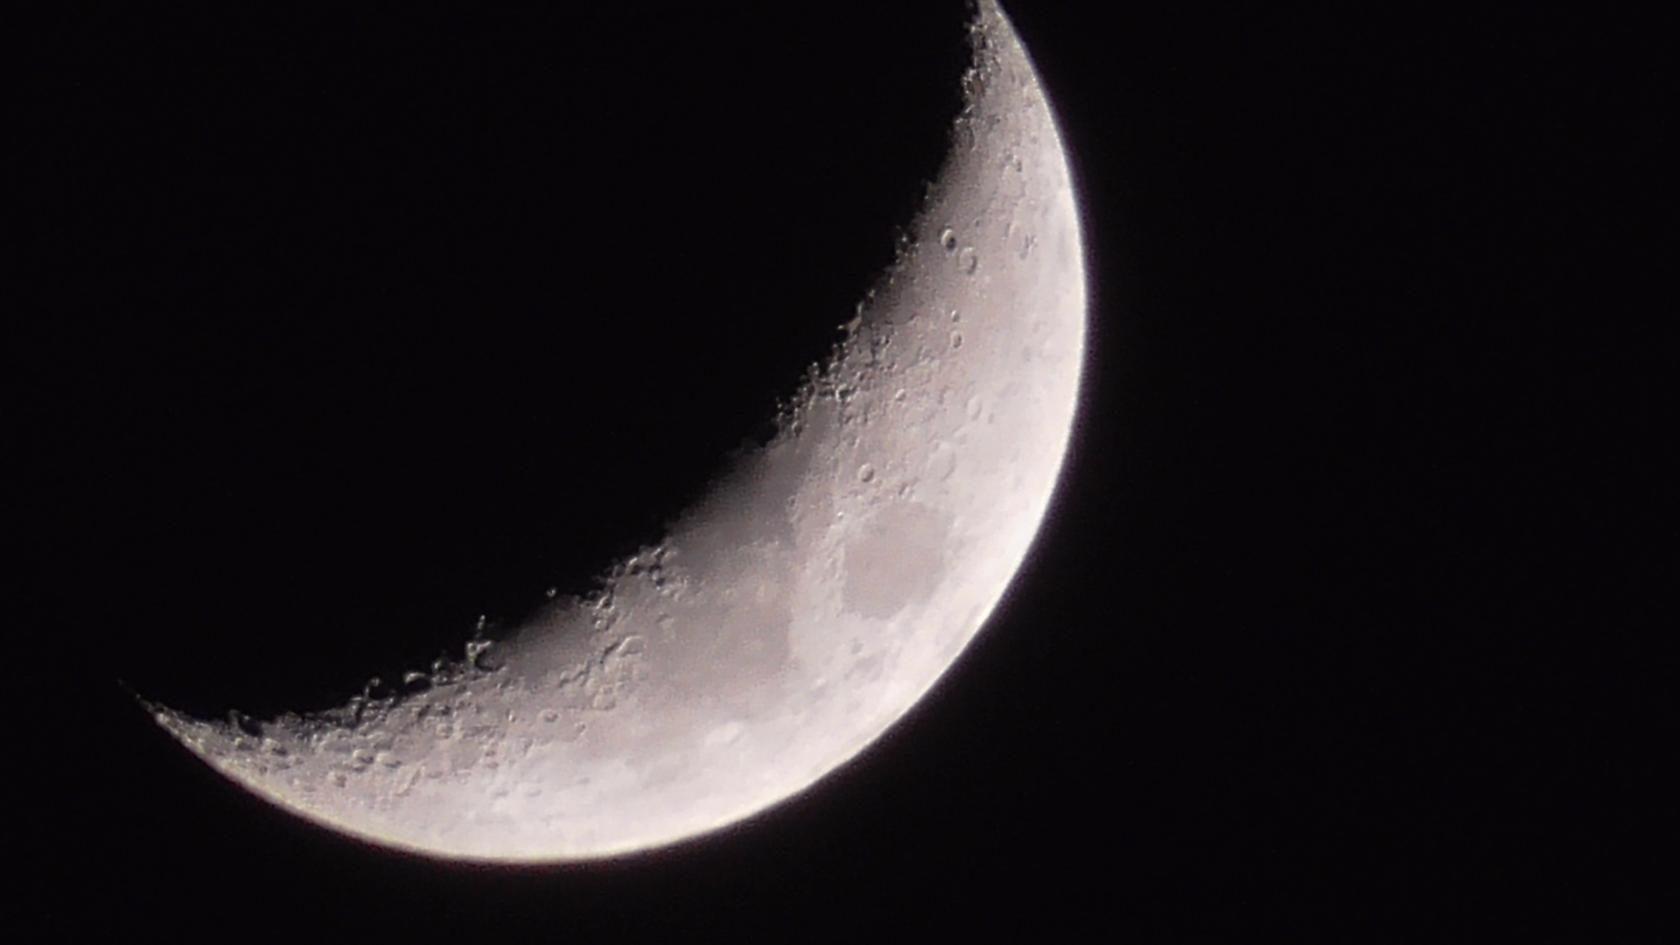 луна, похожая на кусочек сыра.... Блиц: луна